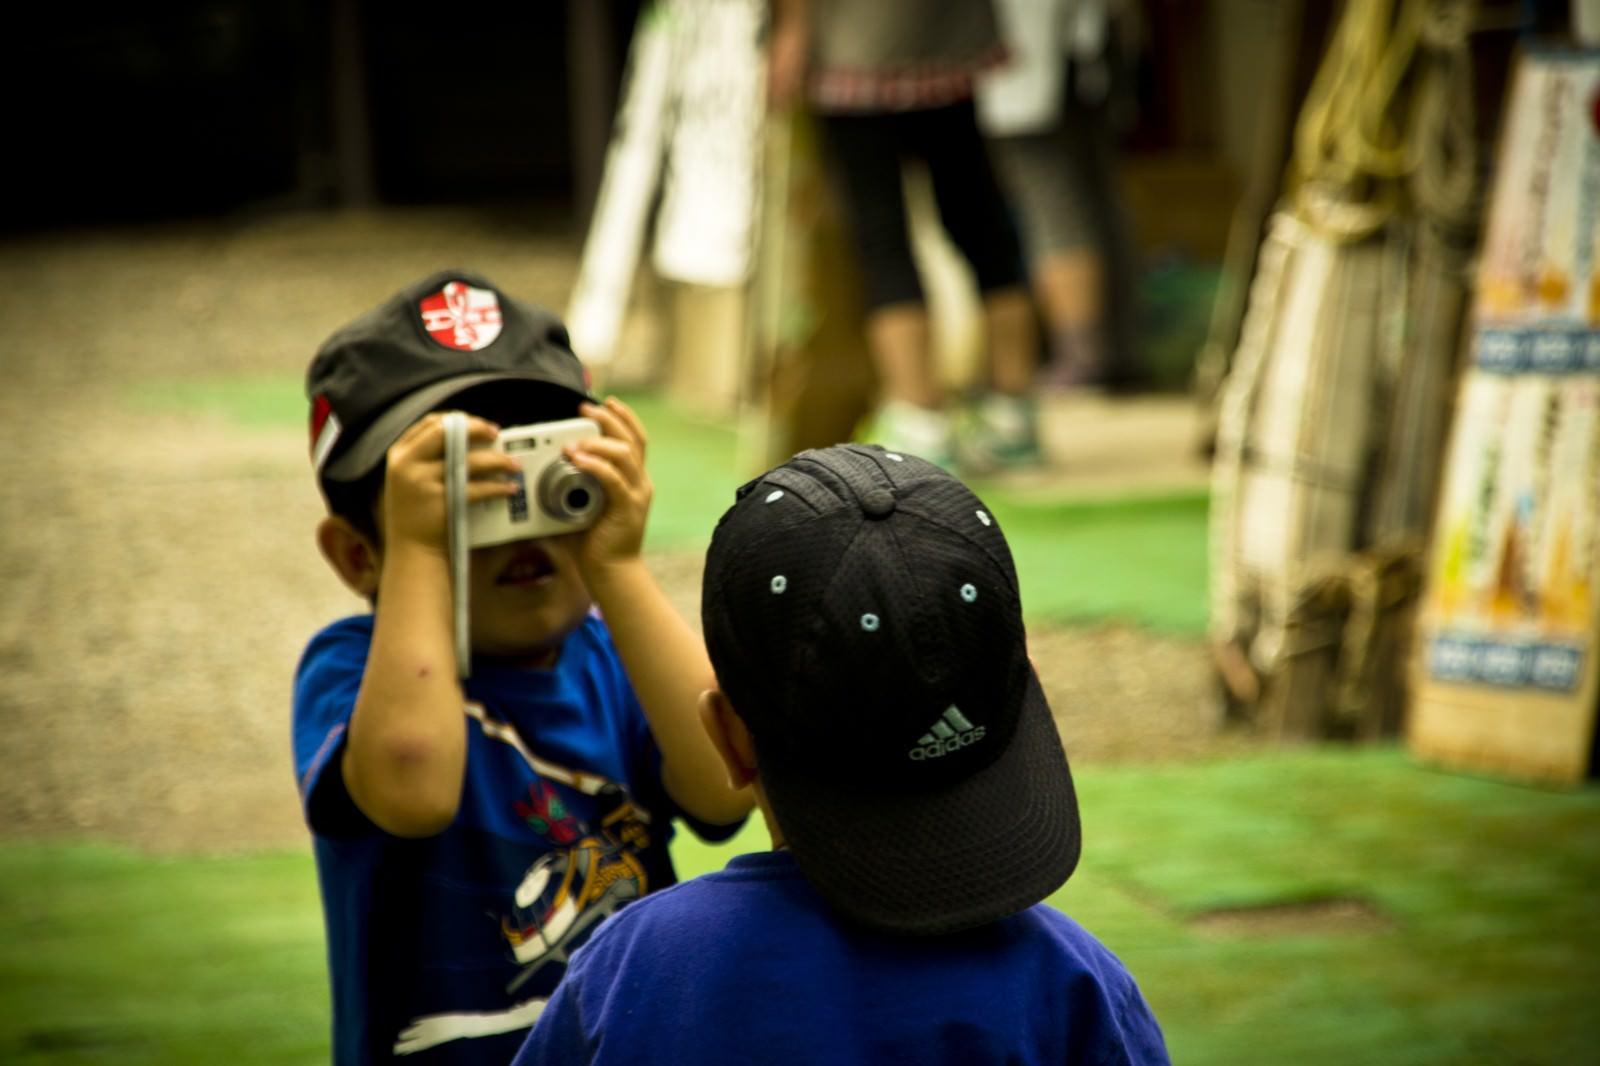 写真を撮り合う子供の兄弟のフリー素材